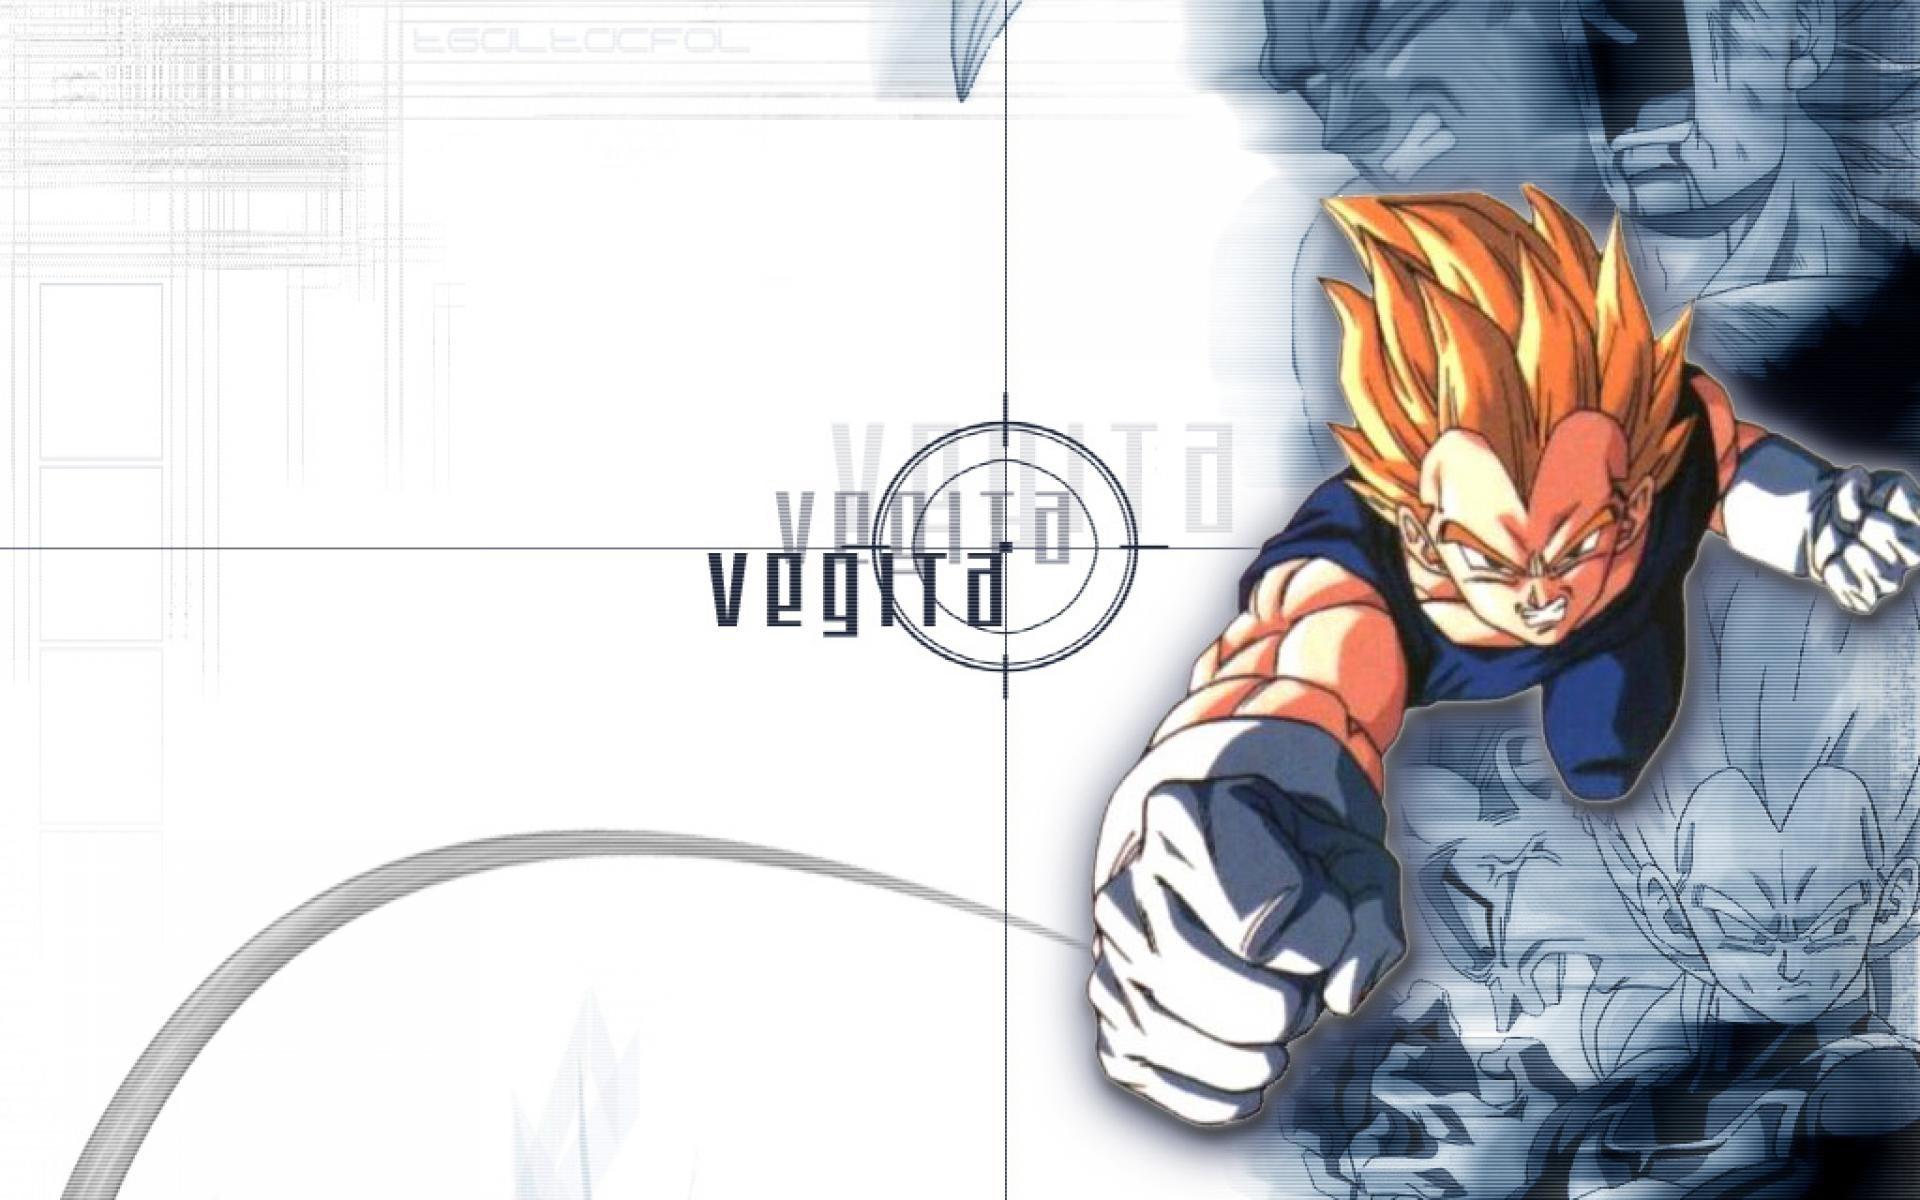 Dragon Ball Z Vegeta Wallpaper